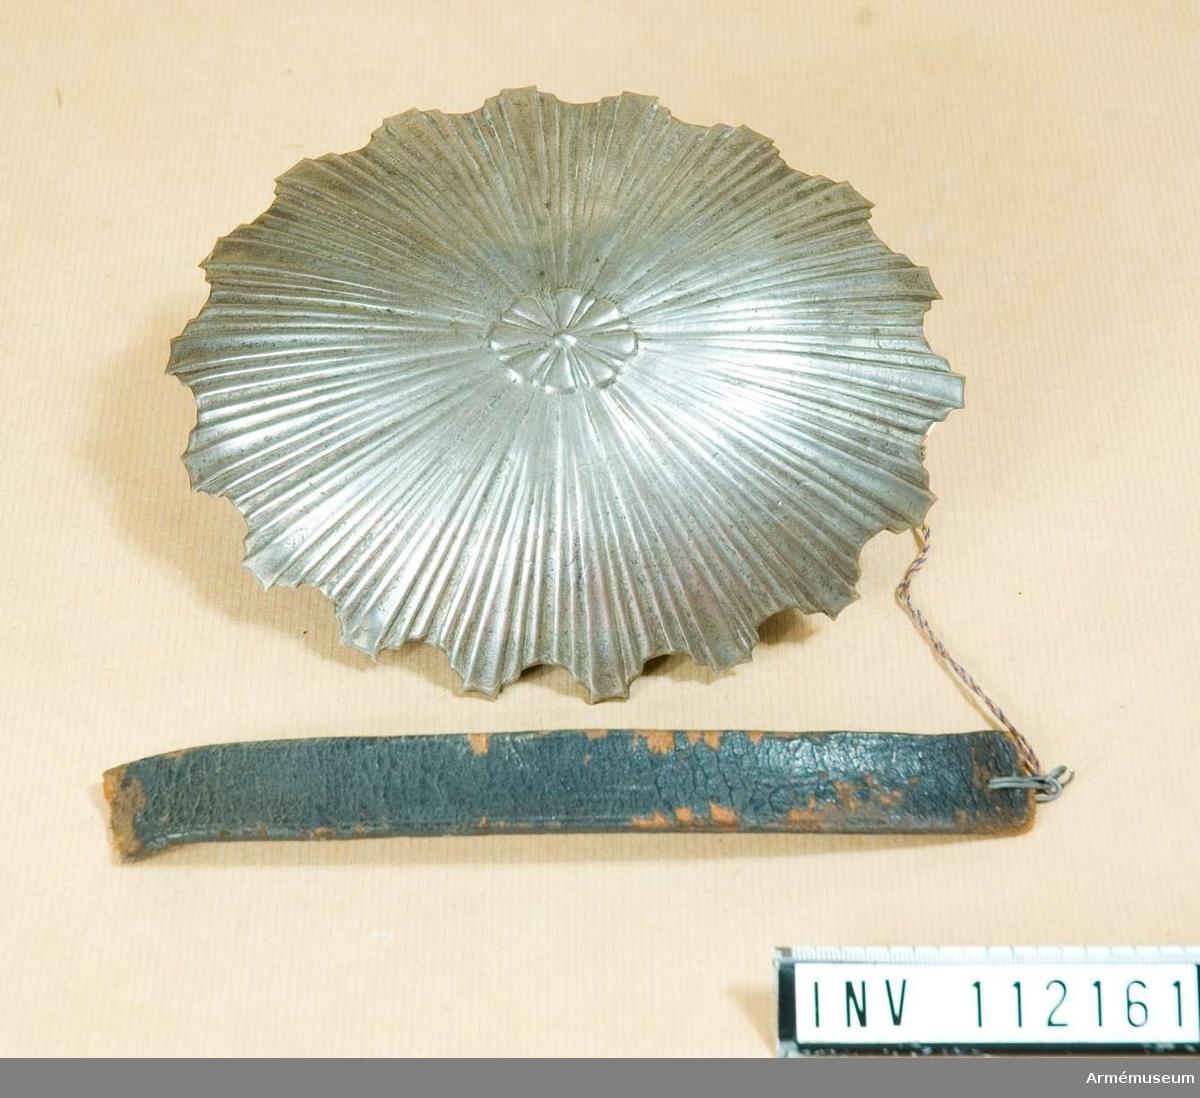 Bröstplåtrosett av vitmetall sådan den begagnades 1848-1852, till kyrass m/1825.